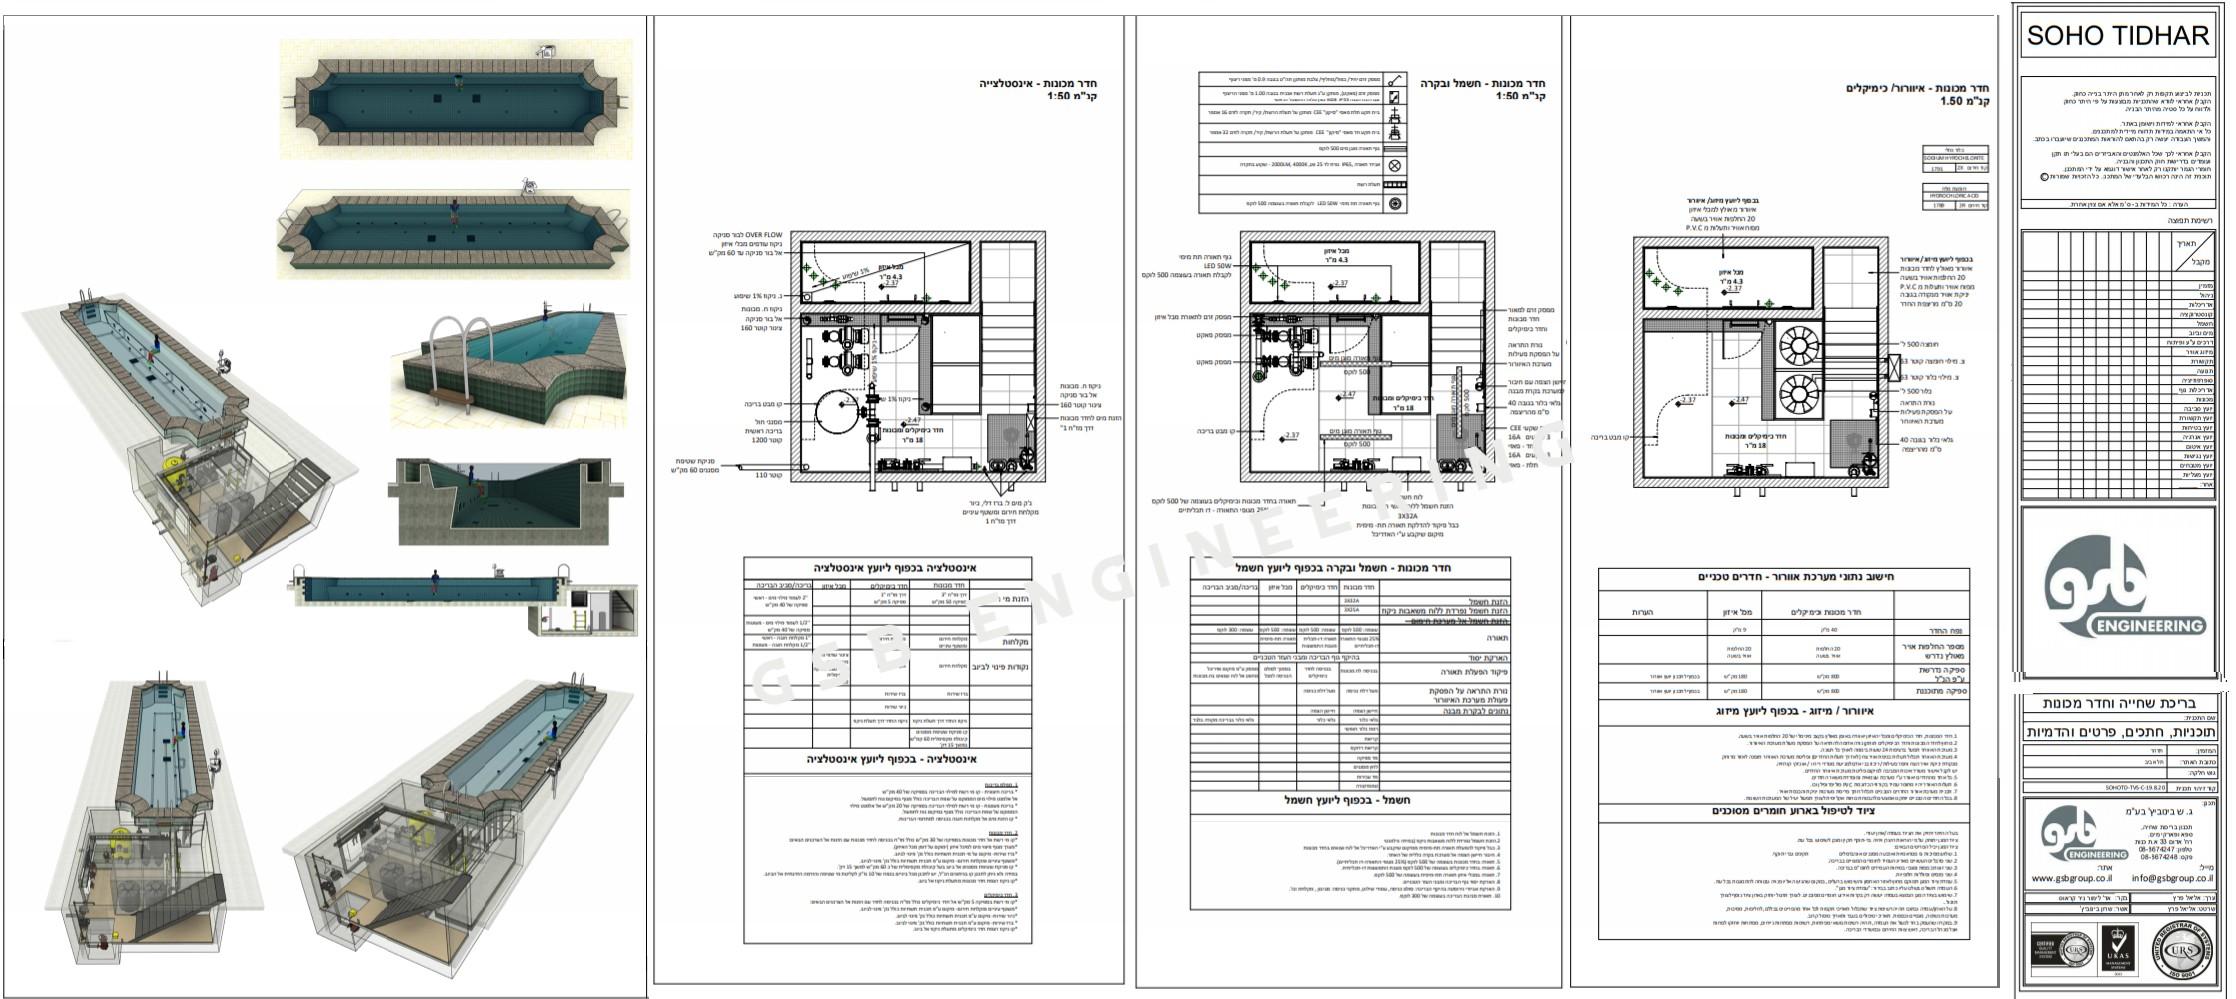 תכנון בריכת שחייה במלון במבנה לשימור